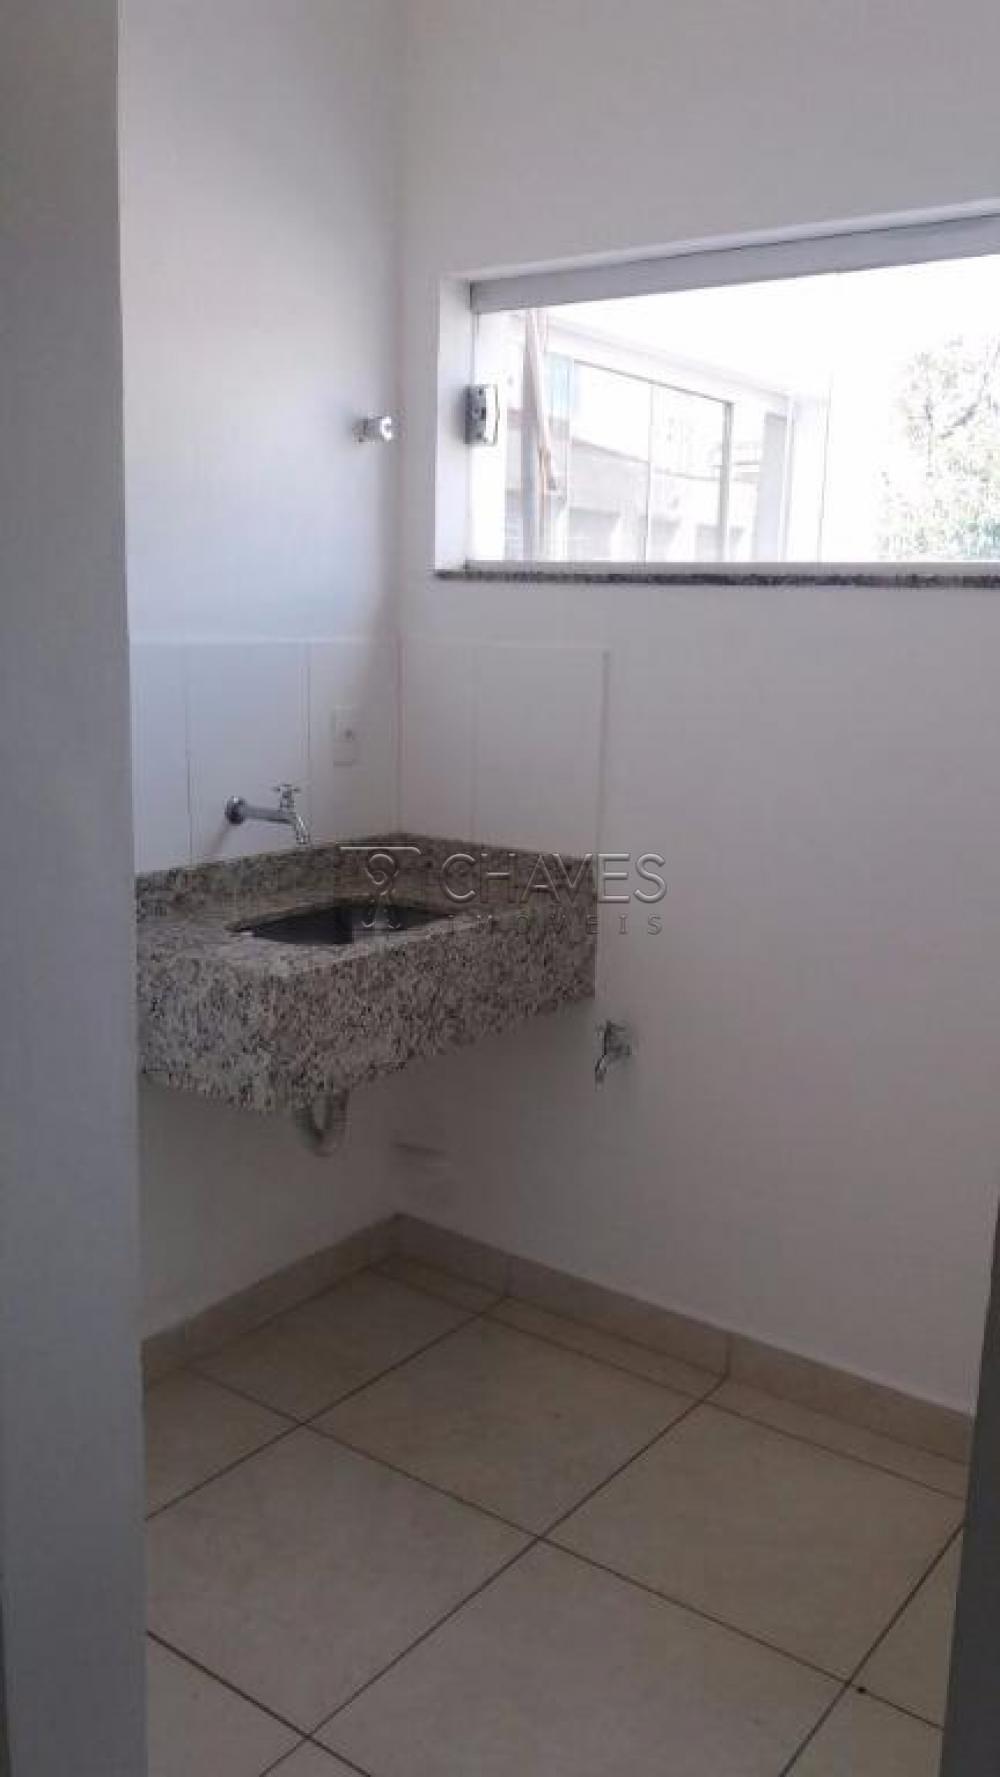 Alugar Comercial / Sala em Ribeirão Preto R$ 1.500,00 - Foto 6